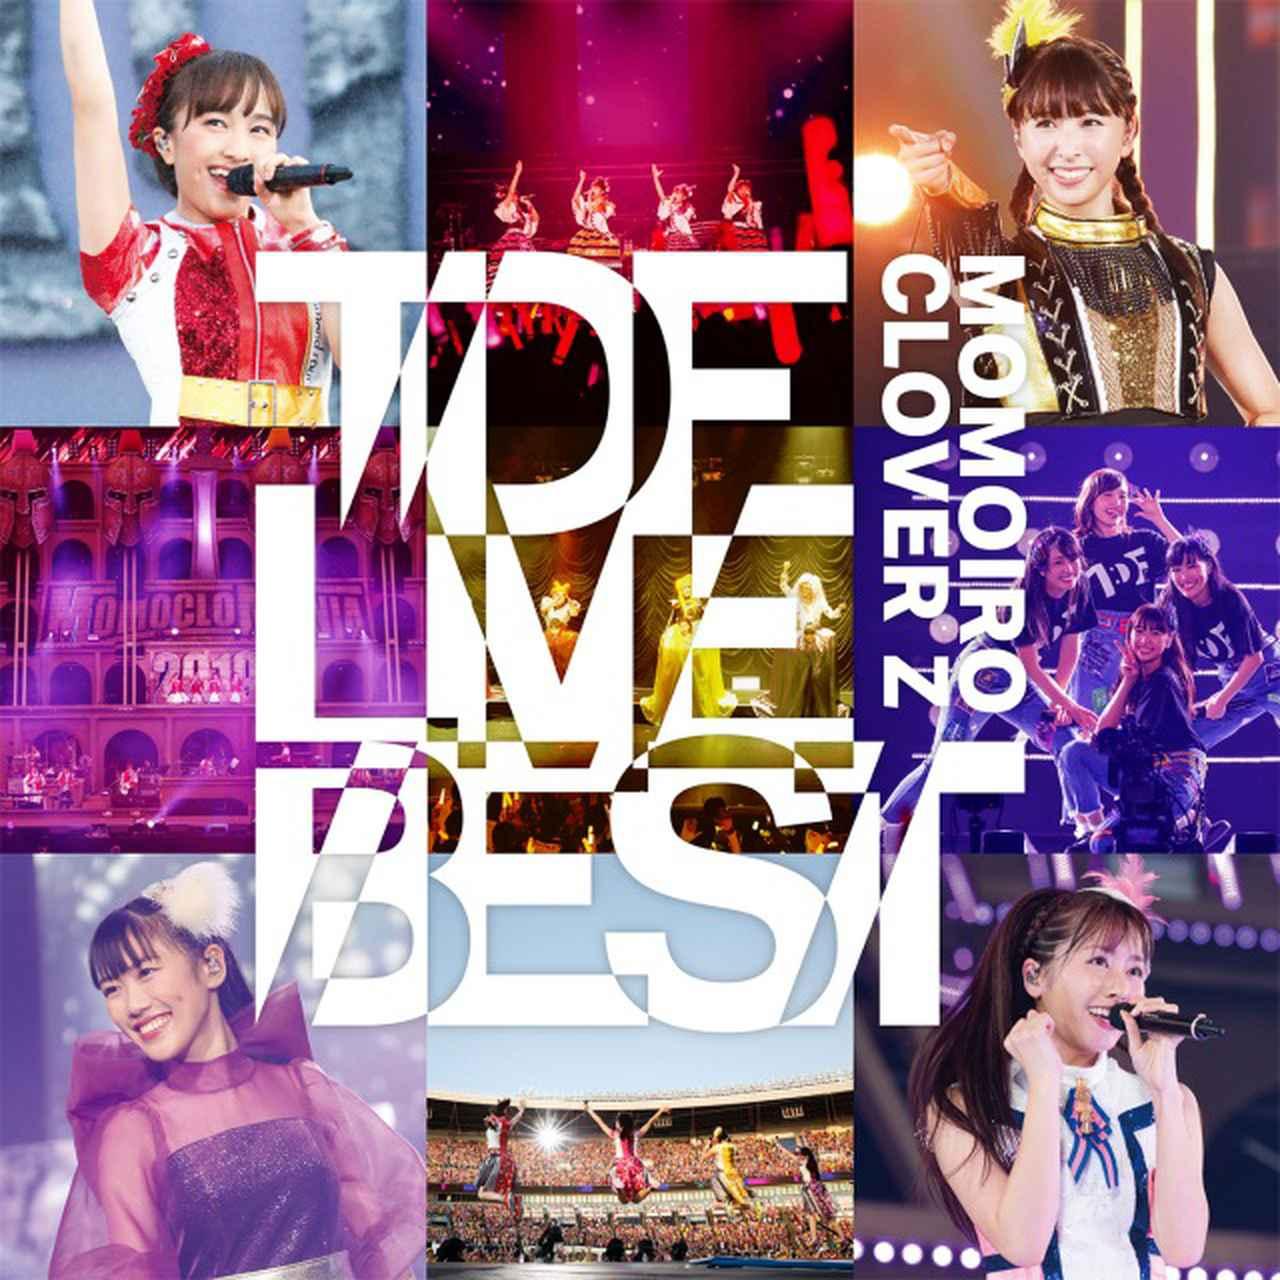 画像: TDF LIVE BEST / ももいろクローバーZ on OTOTOY Music Store